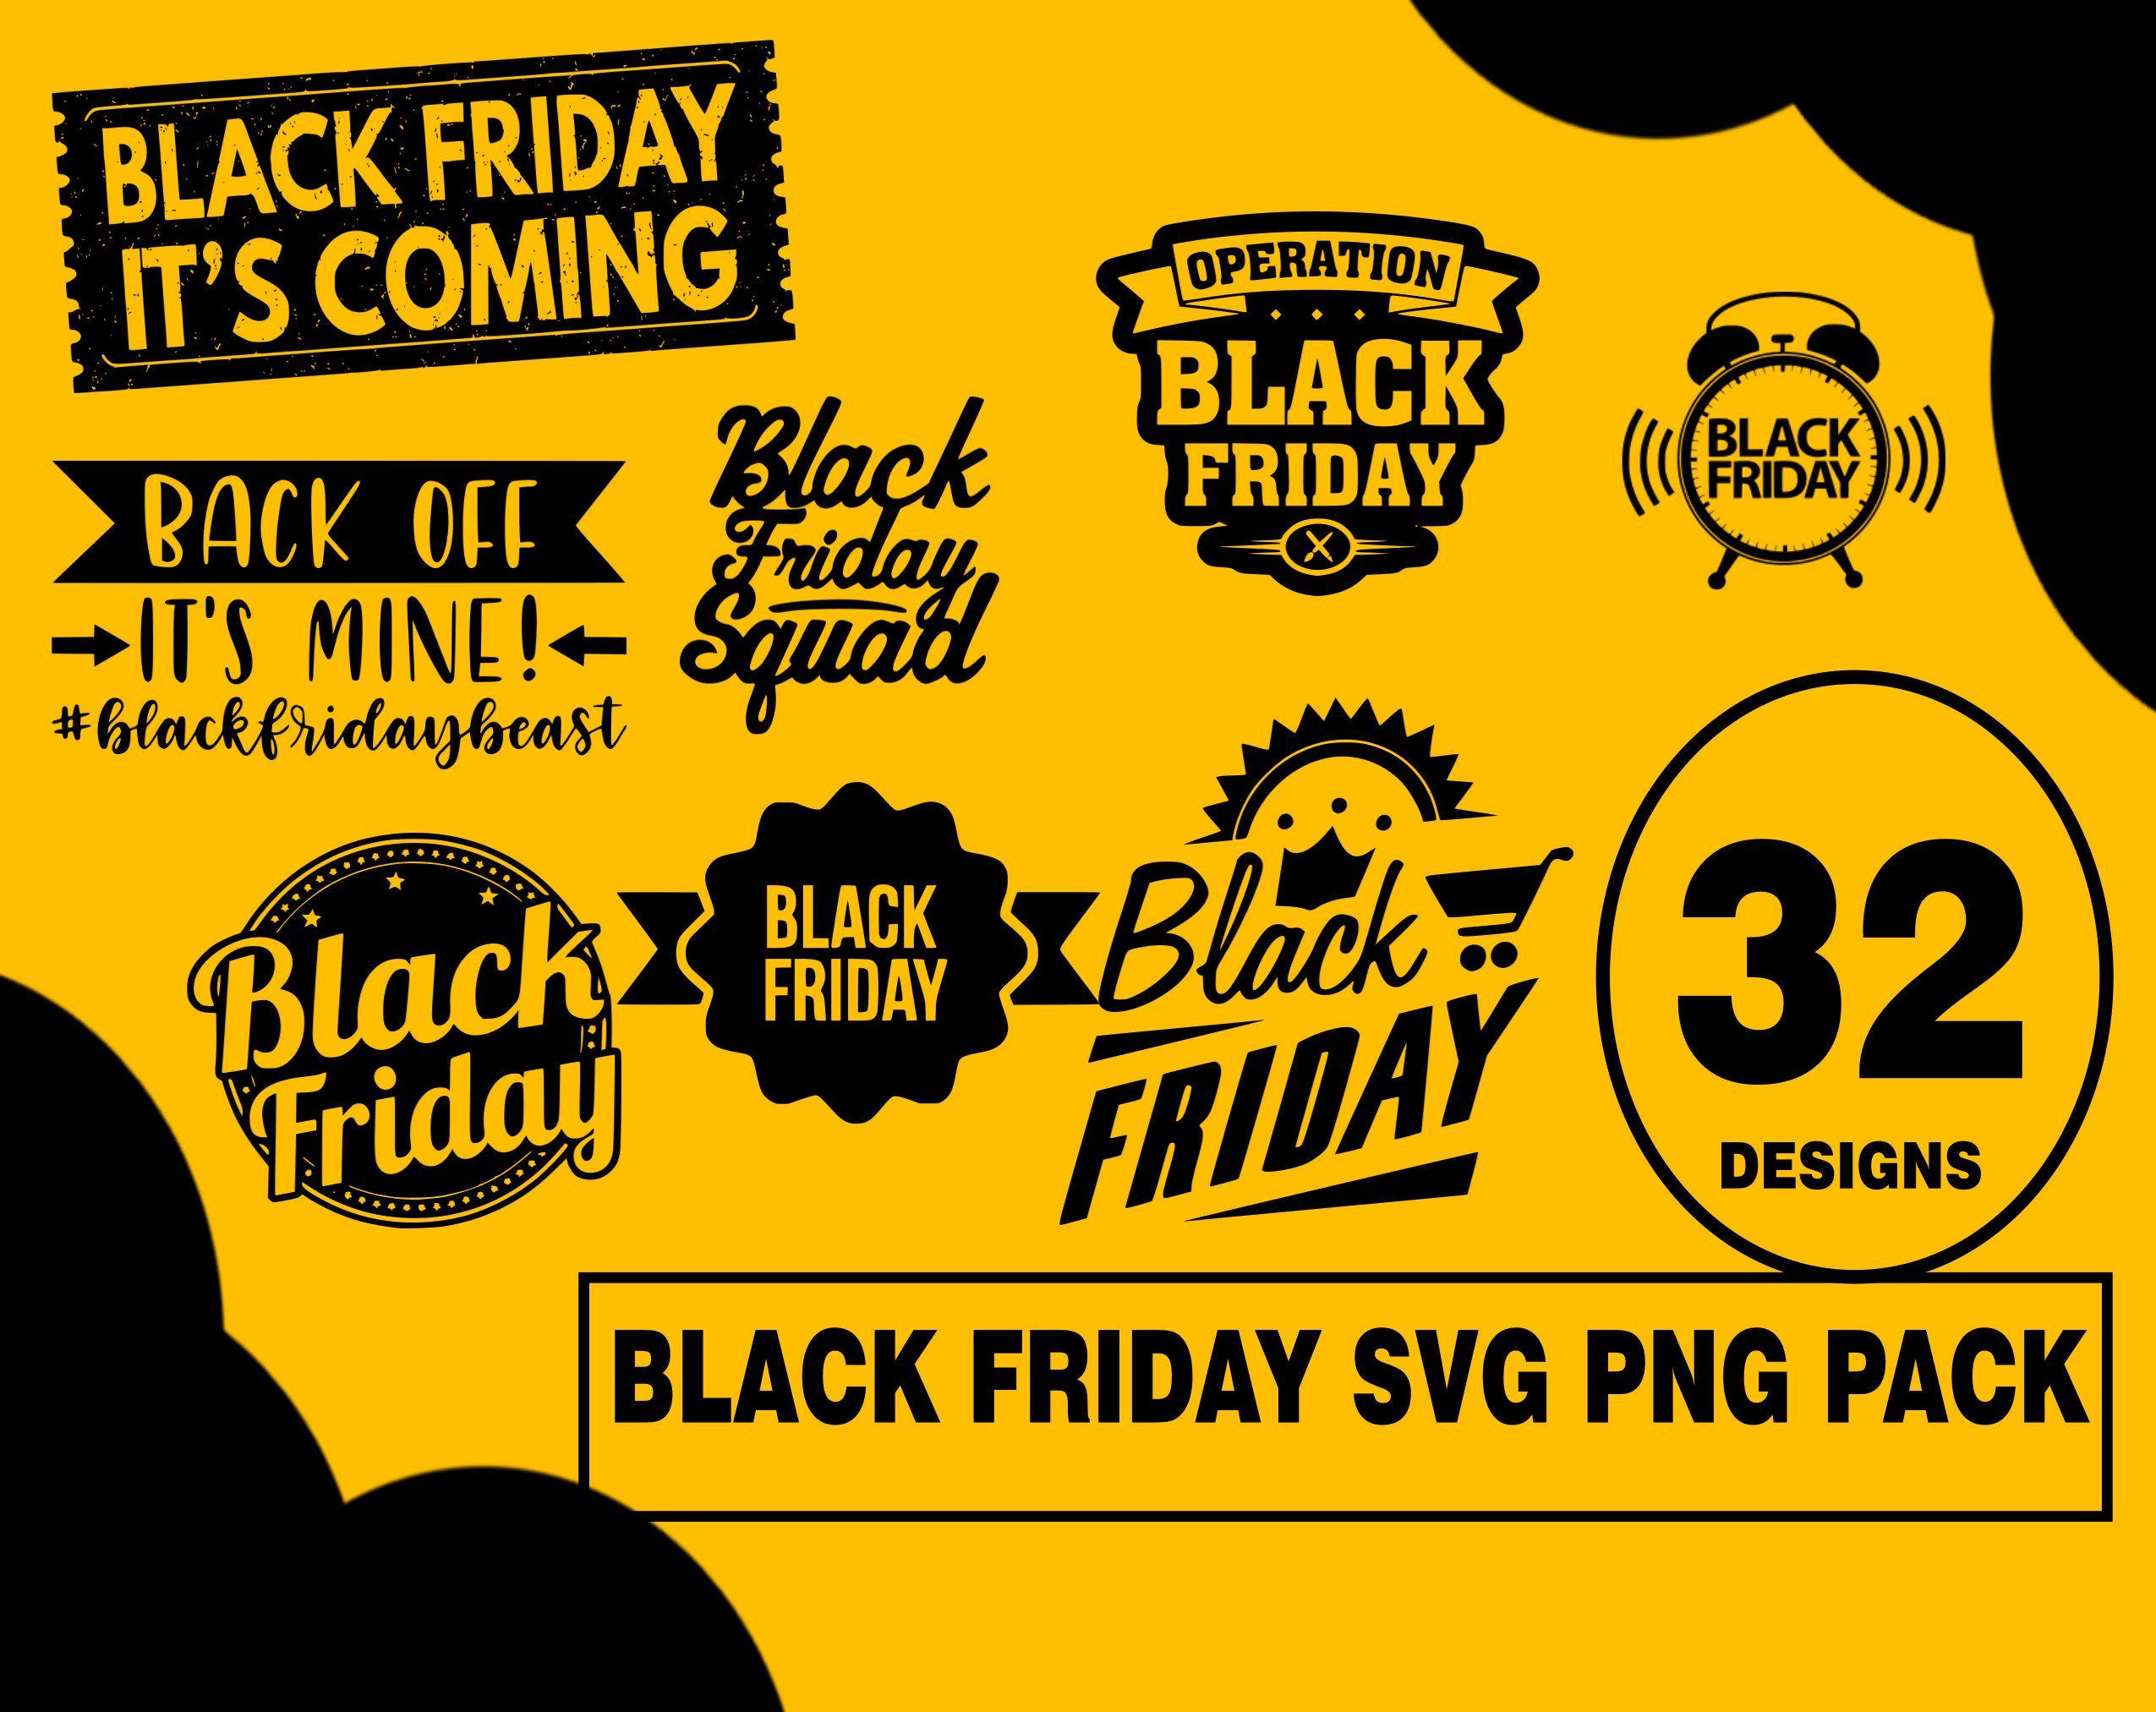 Black Friday SVG PNG design bundles, black friday squad, black friday tribe, black friday vinyl pack, black friday images, black friday usa